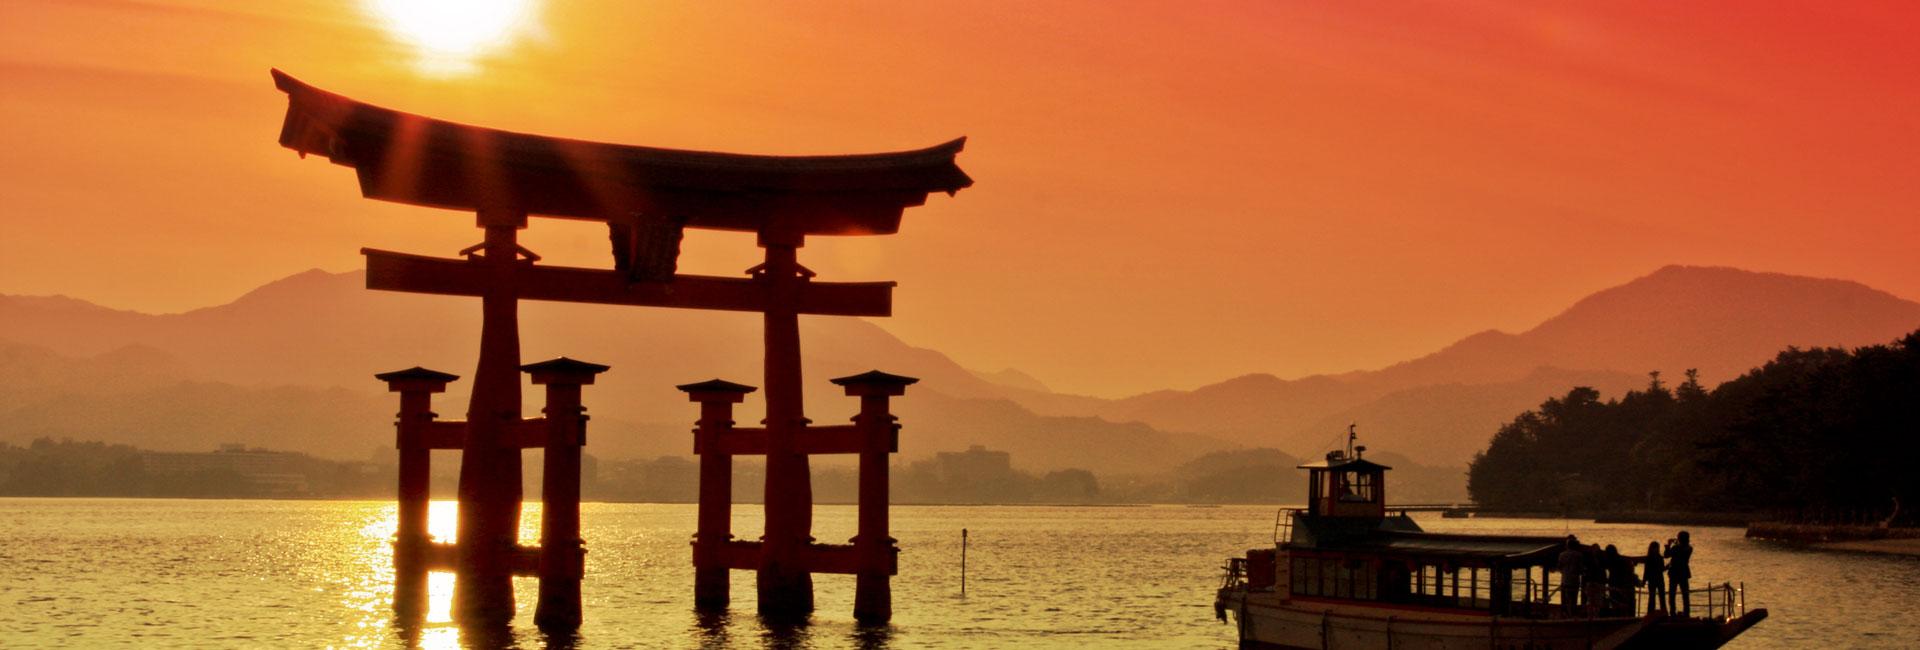 יפן - הקסם והחידה